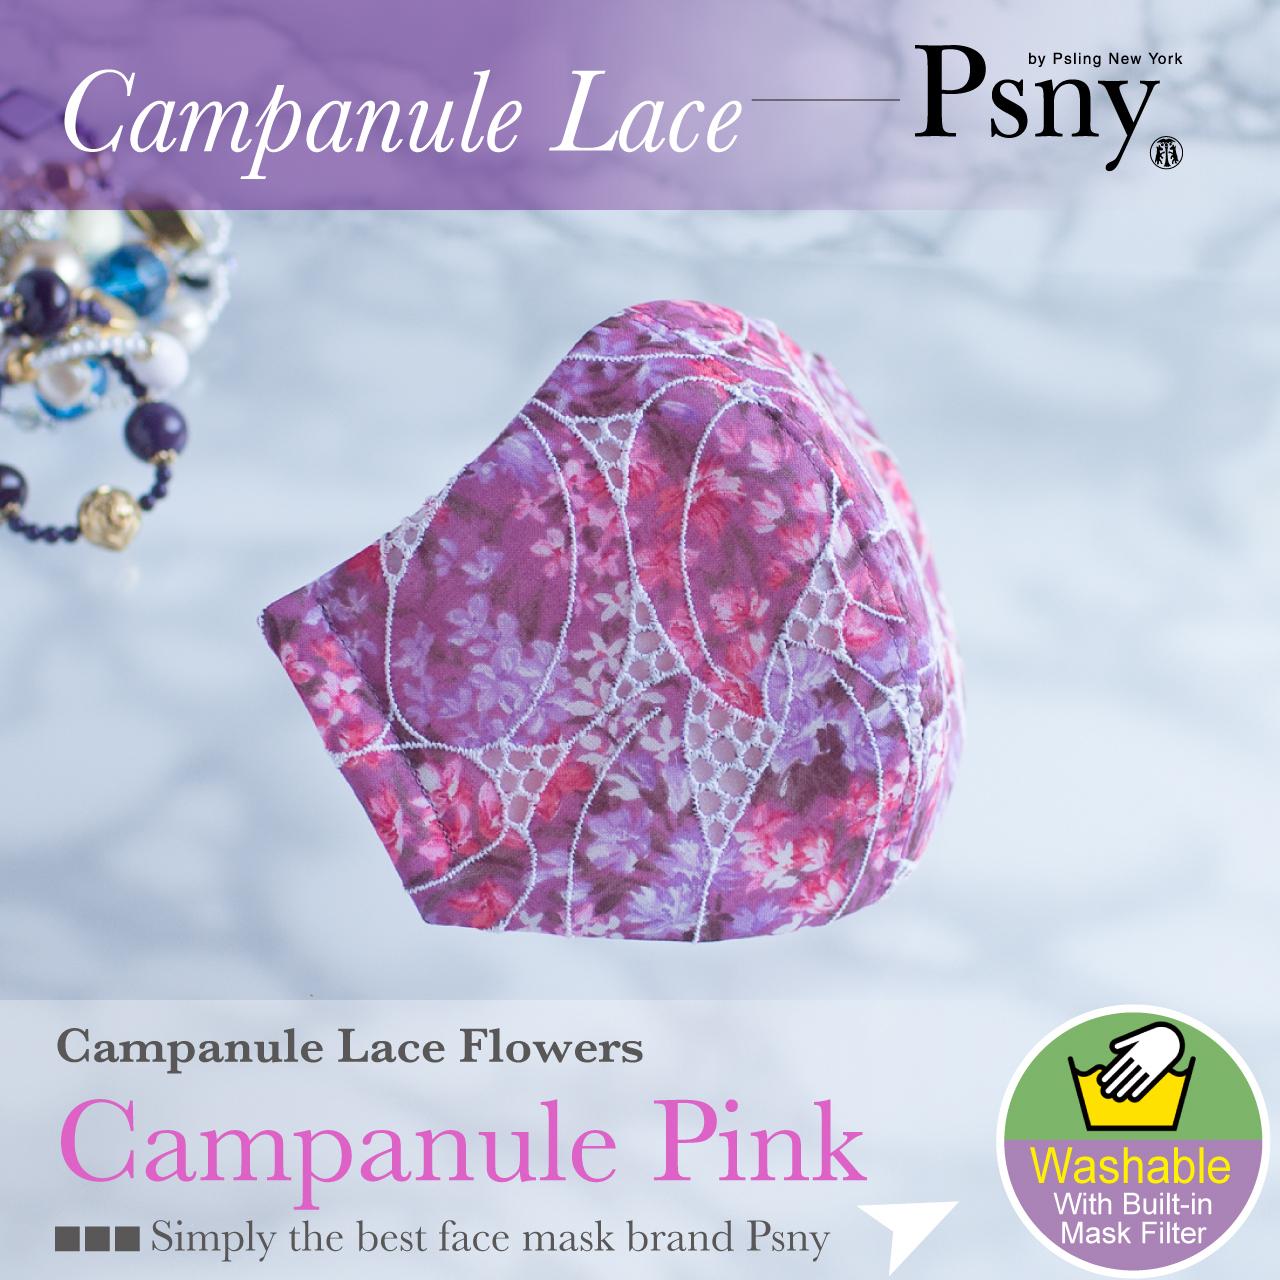 PSNY 送料無料 カンパニュール・フラワー ピンク かわいい 夏仕様 コットン カワイイ 花粉 黄砂 不織布フィルター入 おしゃれ 清潔感 立体 爽やか ますく 美人 レース 上品 マスク CP02